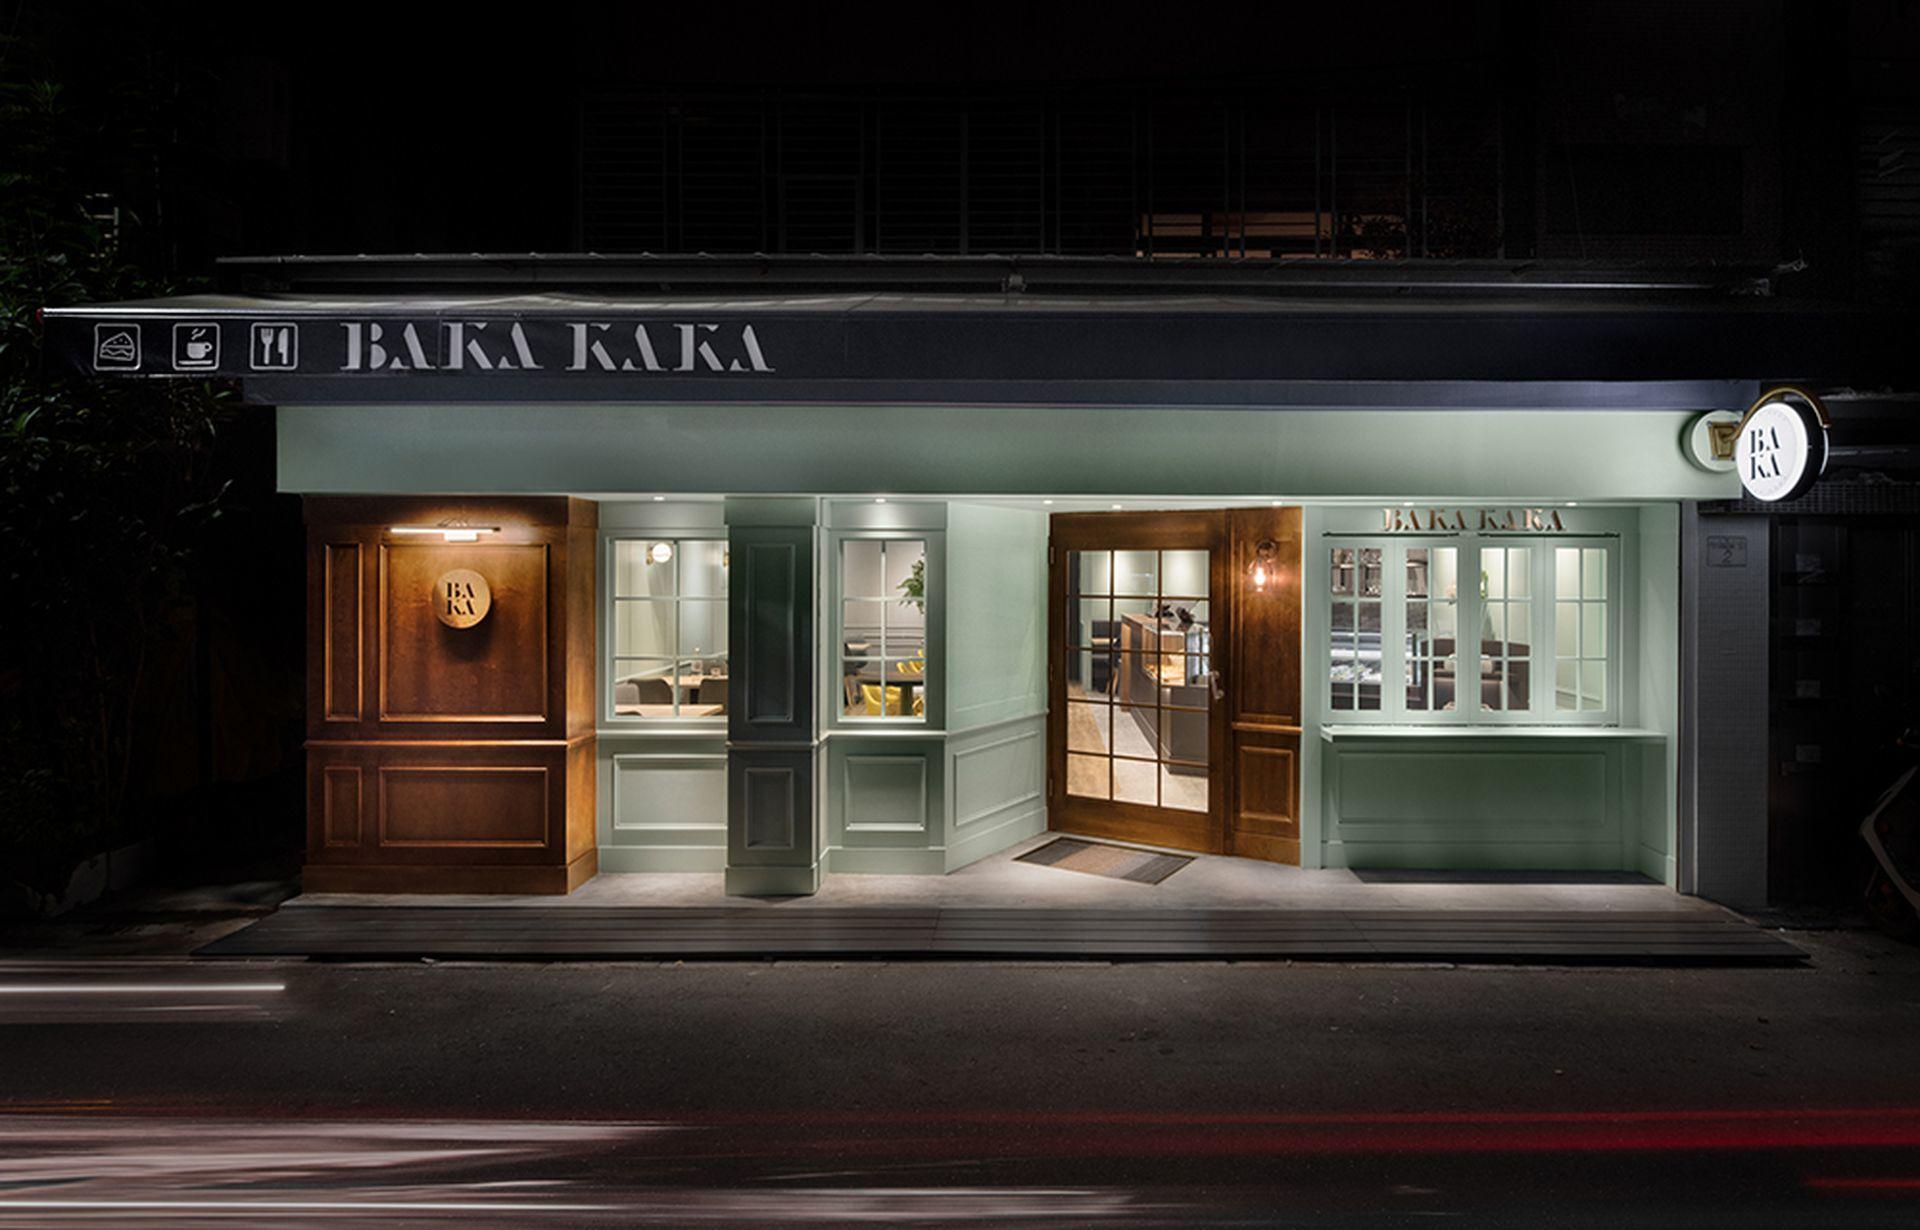 Baka kaka_內湖店